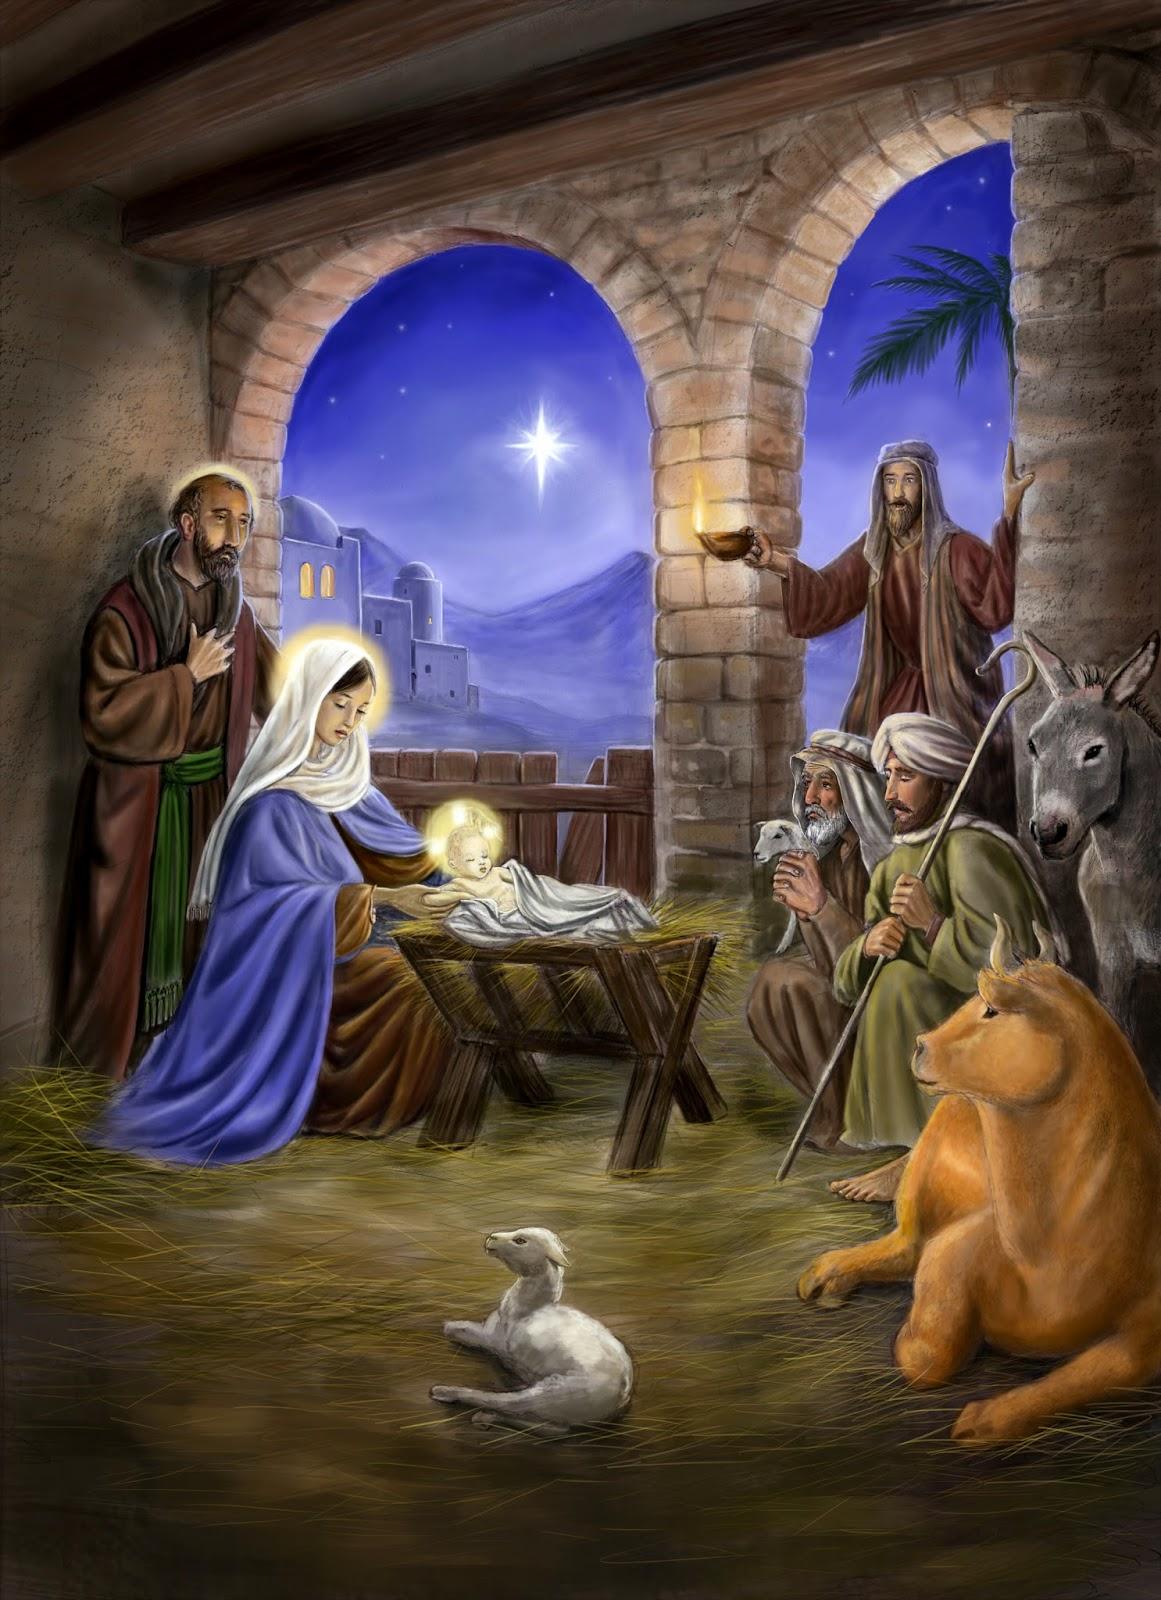 NAVIDAD, Y CON ELLA JESÚS Pesebres-nacimiento-de-Jes%C3%BAs-natividad-reyes-magos-Birth-of-Christ-Belem+(13)